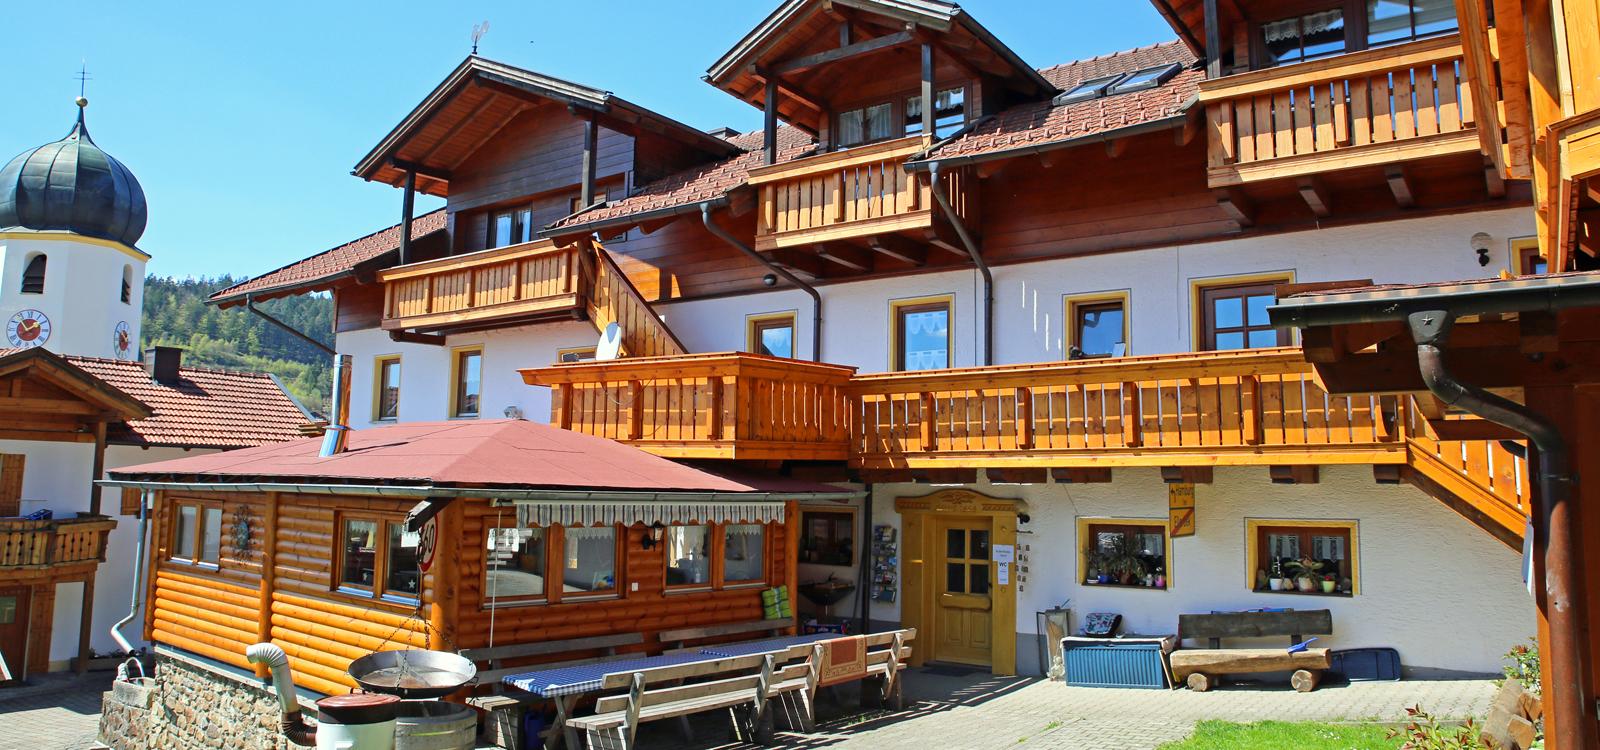 Gesundheits- und Wellnesshof Ellerbeck im Bayerischen Wald